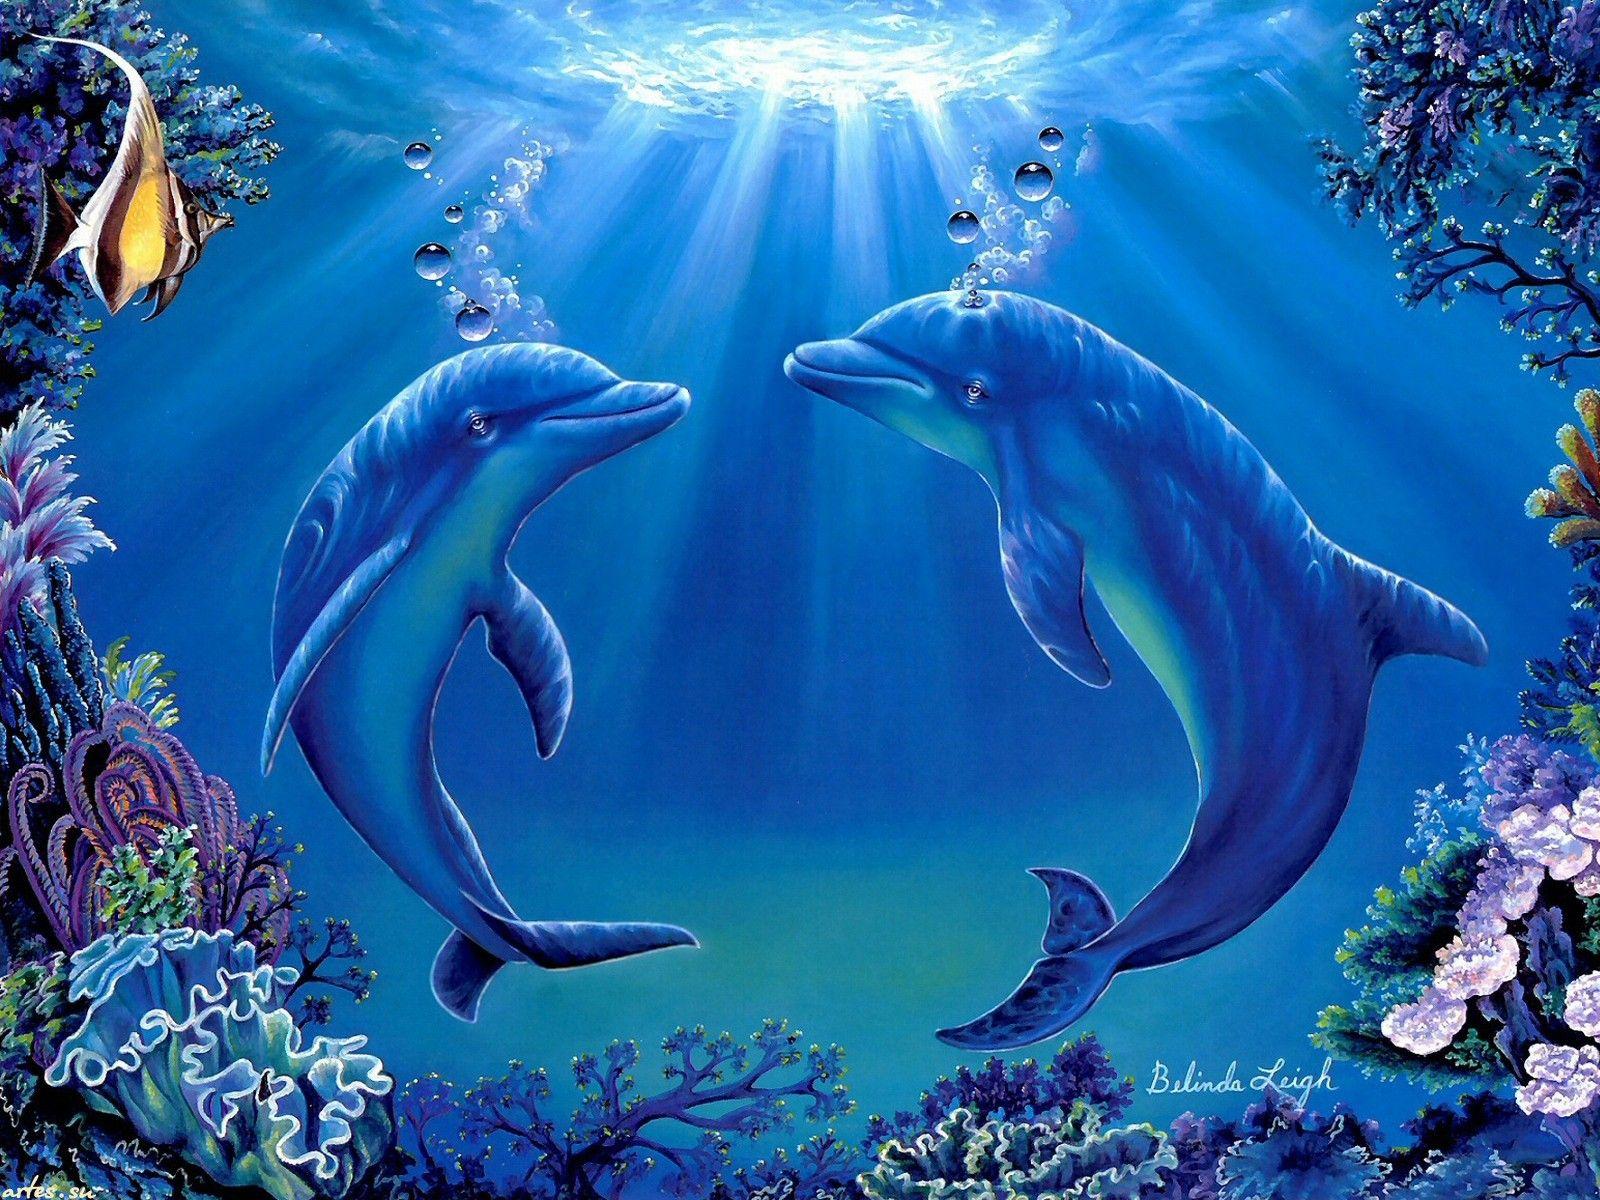 Два дельфина (с изображениями) | Дельфины, Картинки